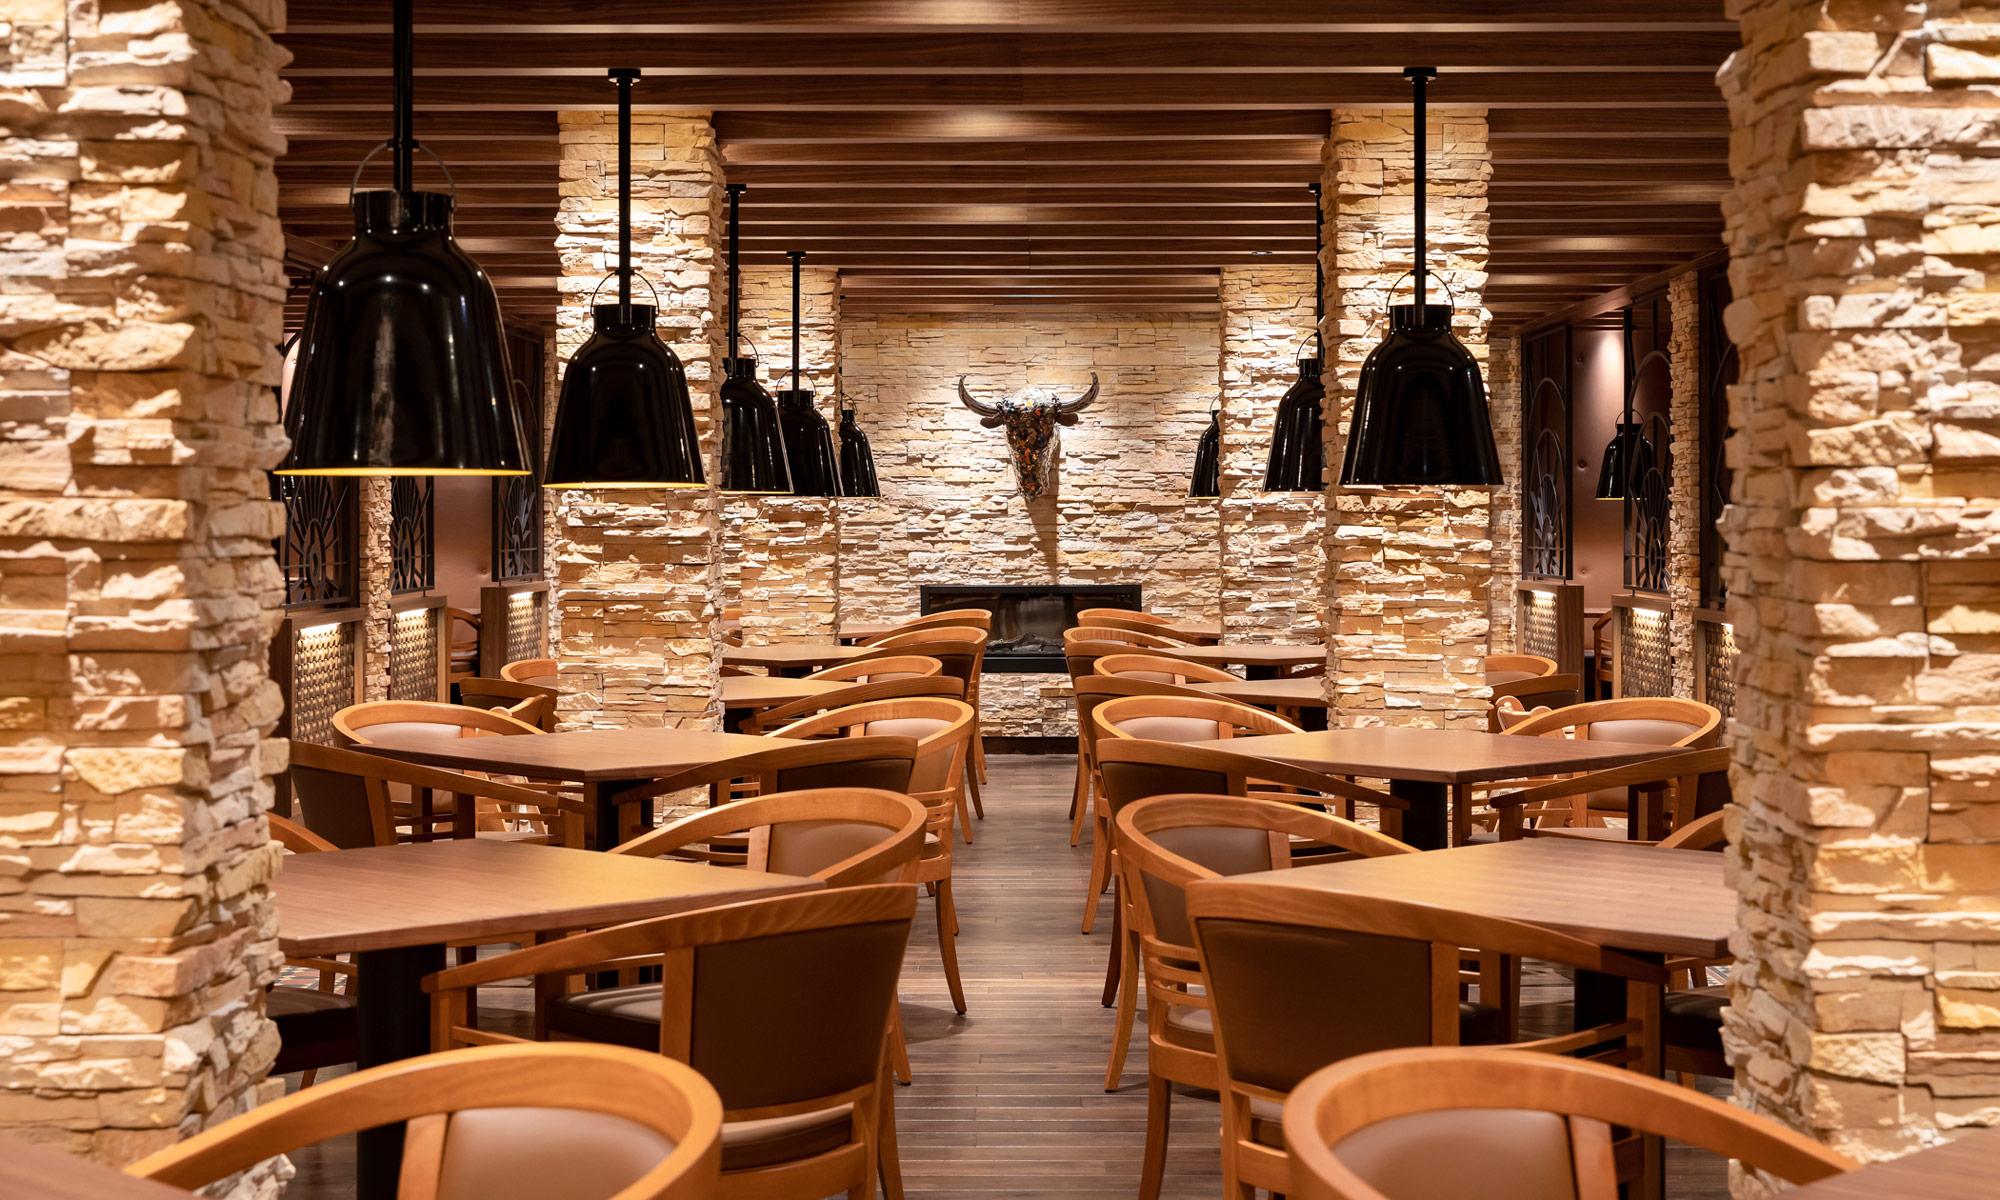 AIDAnova Churrascaria Steakhouse. Foto: AIDA Cruises